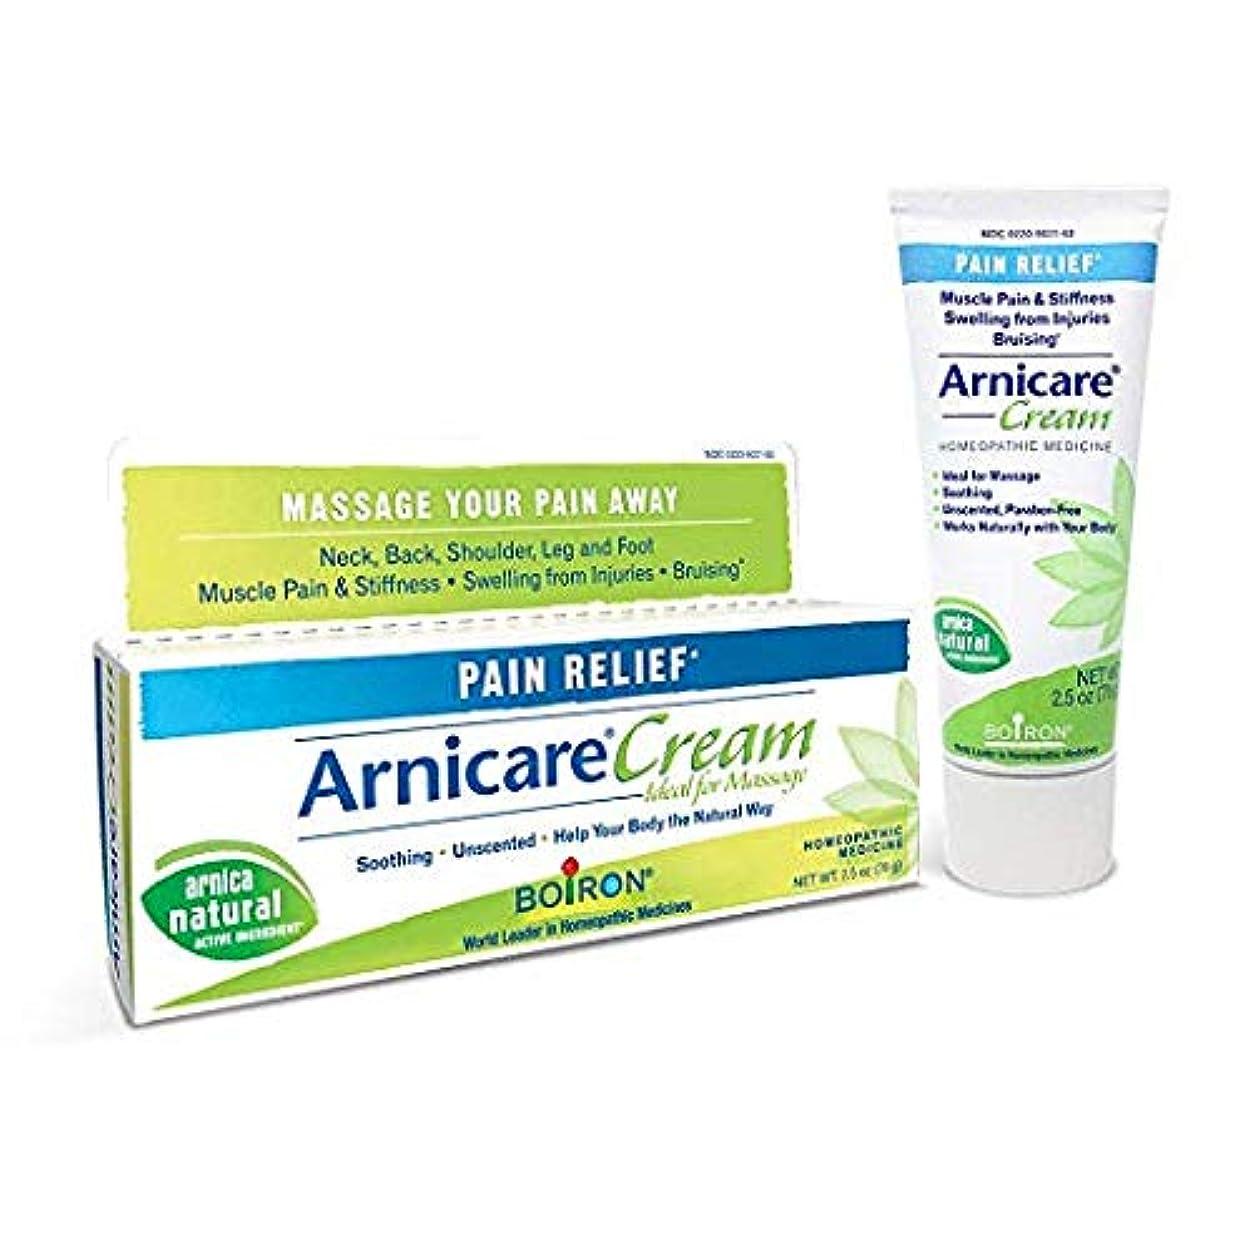 全滅させる二度襲撃ボイロン アルニカクリーム Boiron Arnicare Cream 2.5 Ounces Topical Pain Relief Cream [並行輸入品]